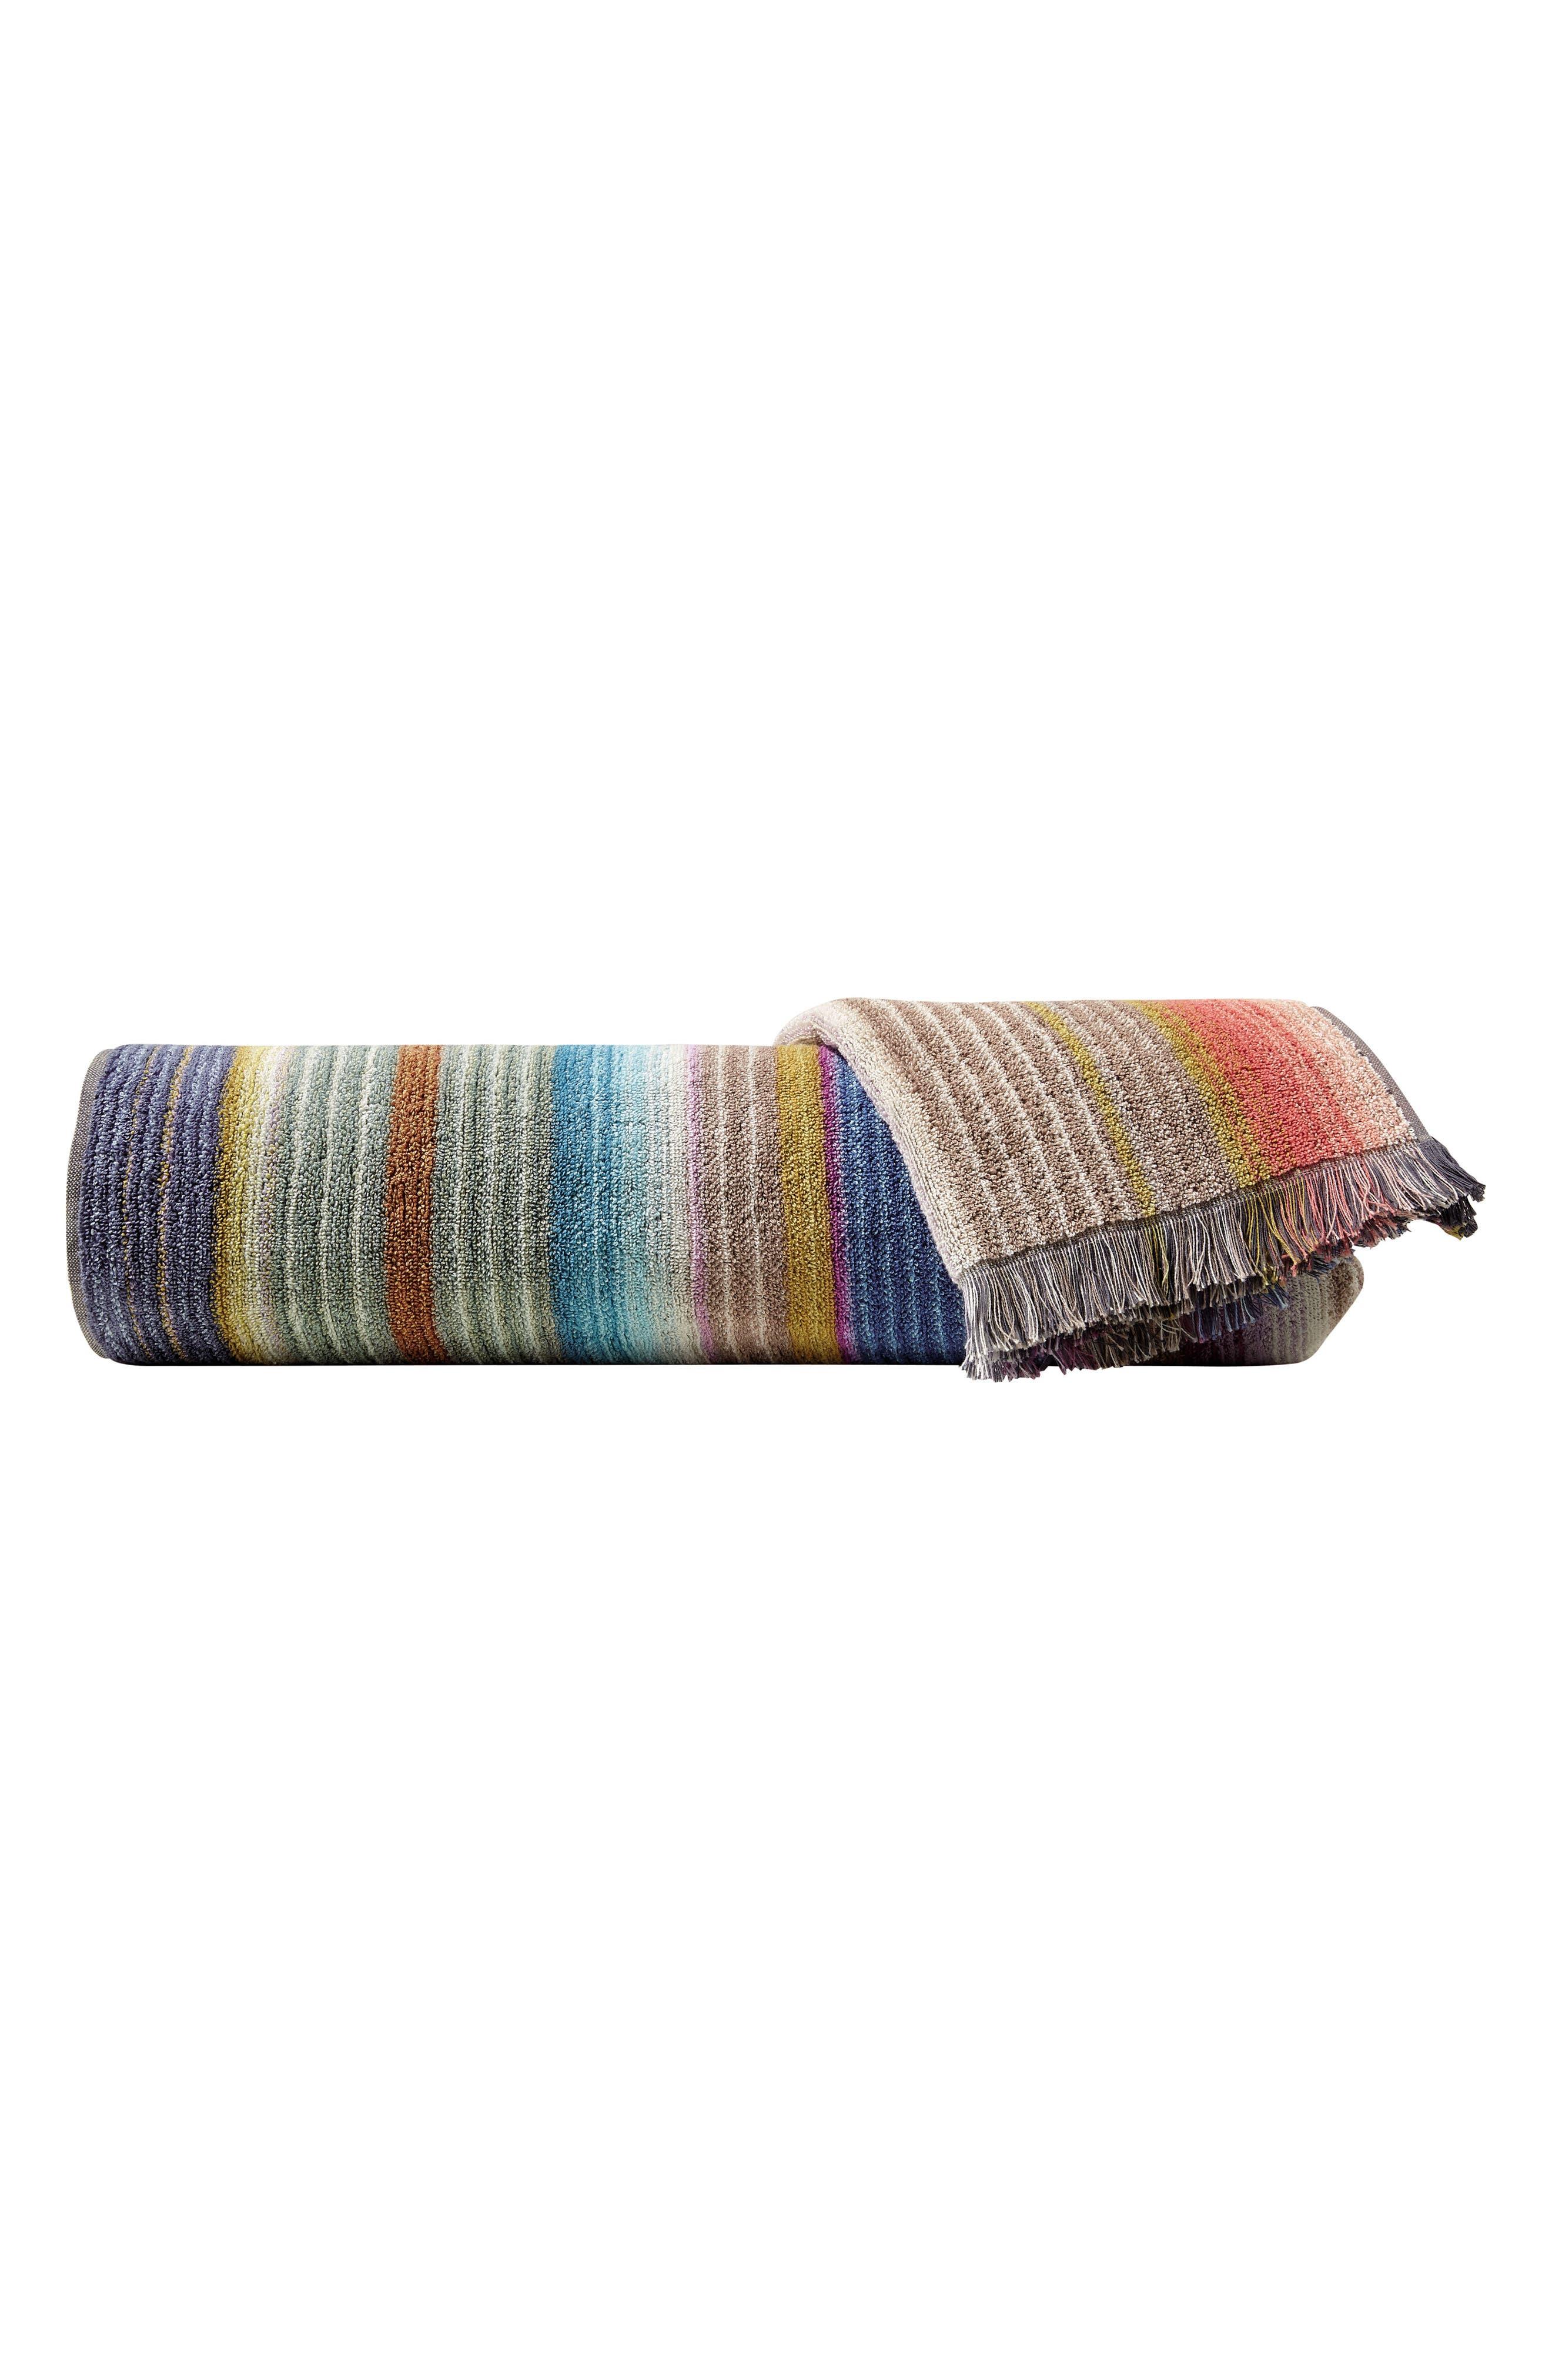 Viviette Hand Towel,                             Main thumbnail 1, color,                             TAUPE MULTI